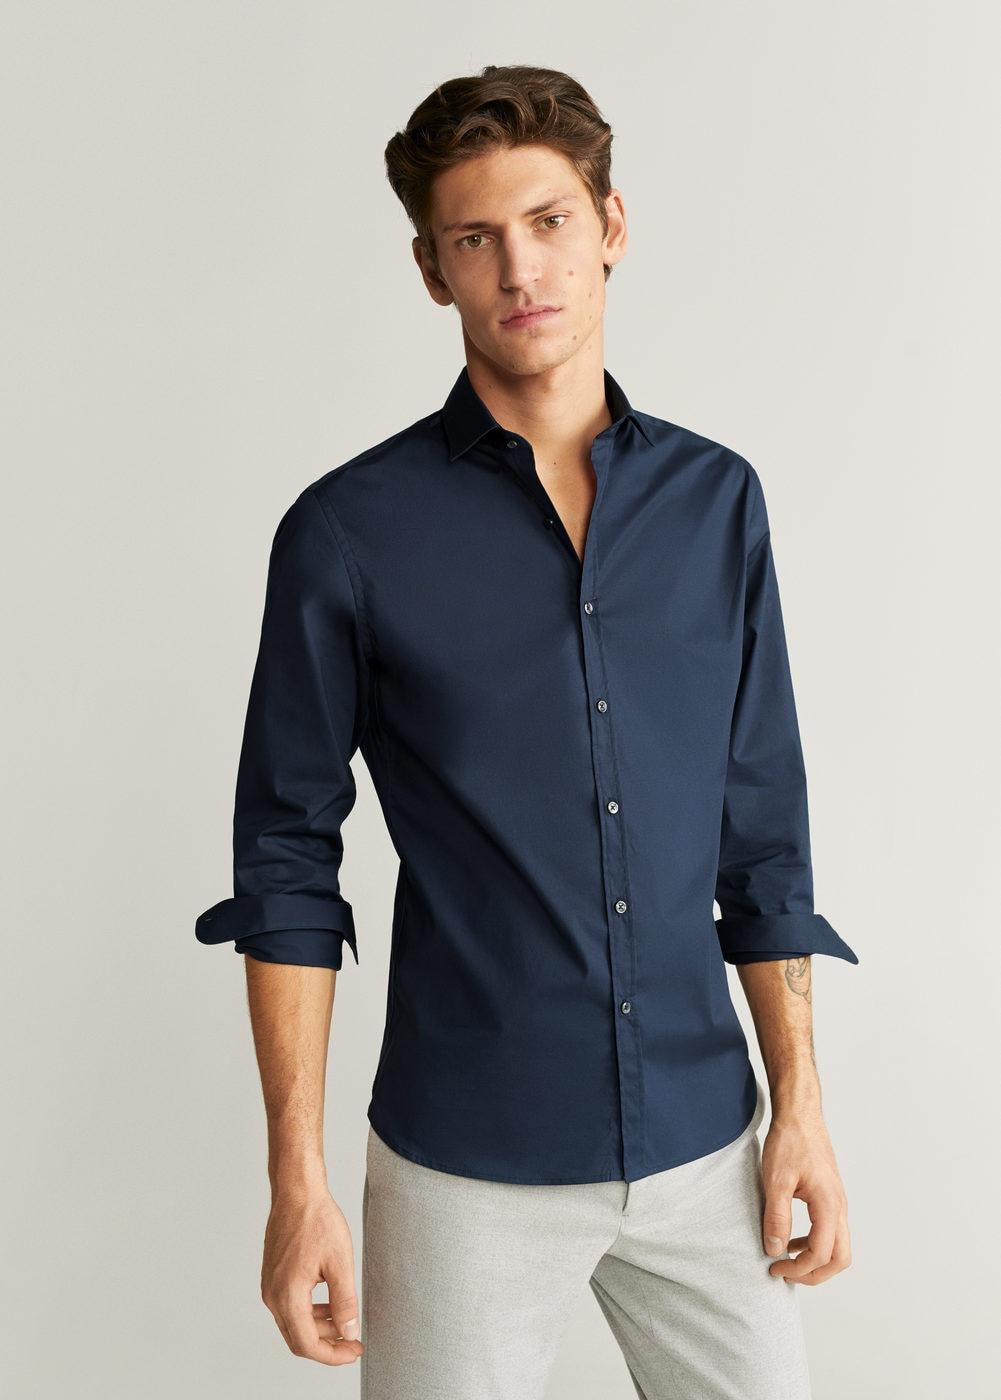 Camisa básica en varios colores para hombres